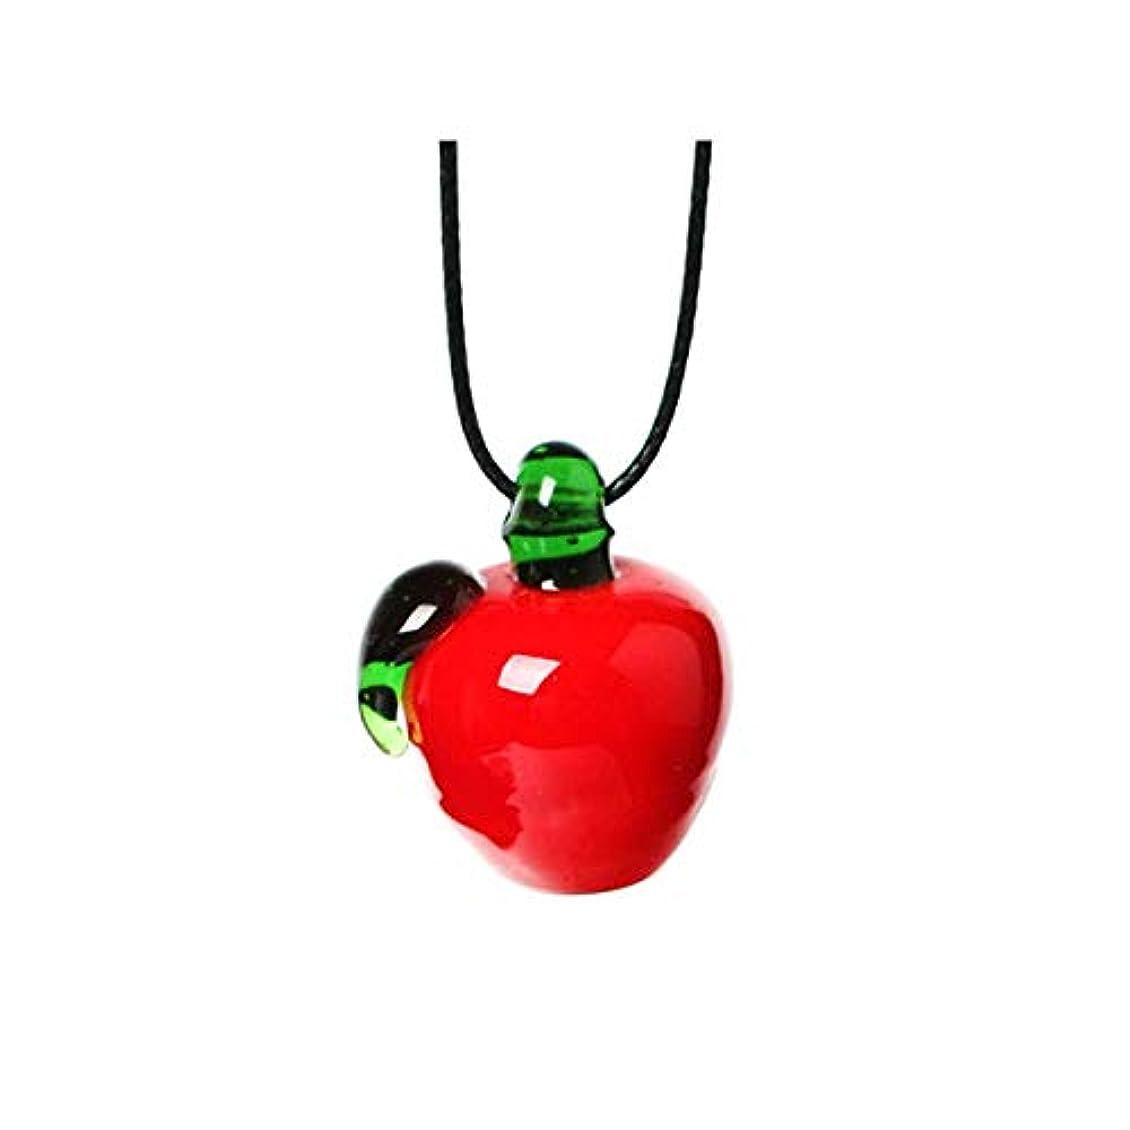 最も早い面開発するアロマ ペンダント りんご 専用スポイト付 アロマテラピー アロマグッズ ネックレス 香水 香 かおり 種類,りんご【A】